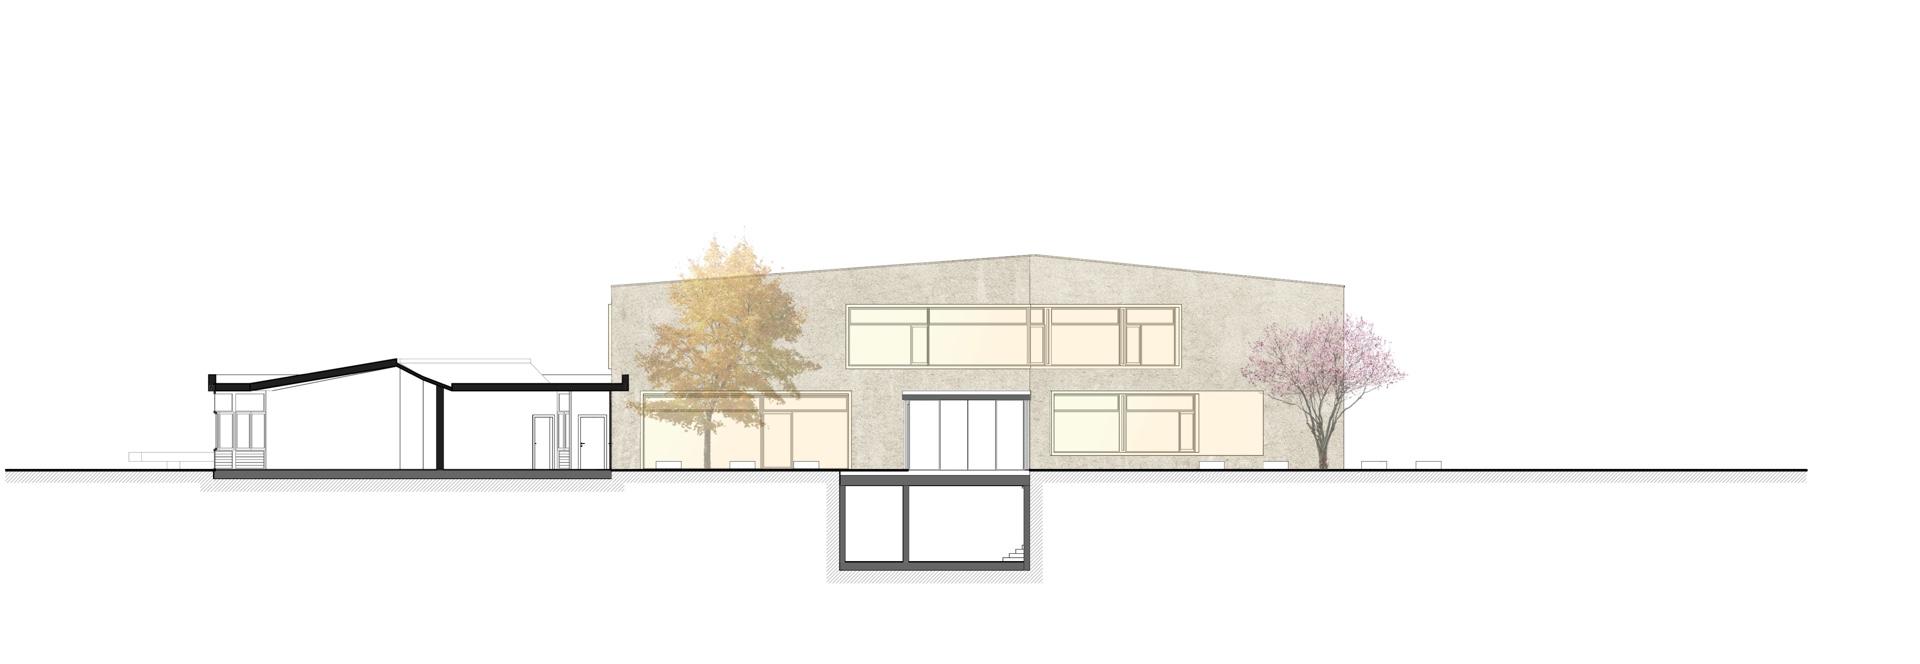 Architektenbuero WB Steinrausch_Schnitt durch den Innenhof